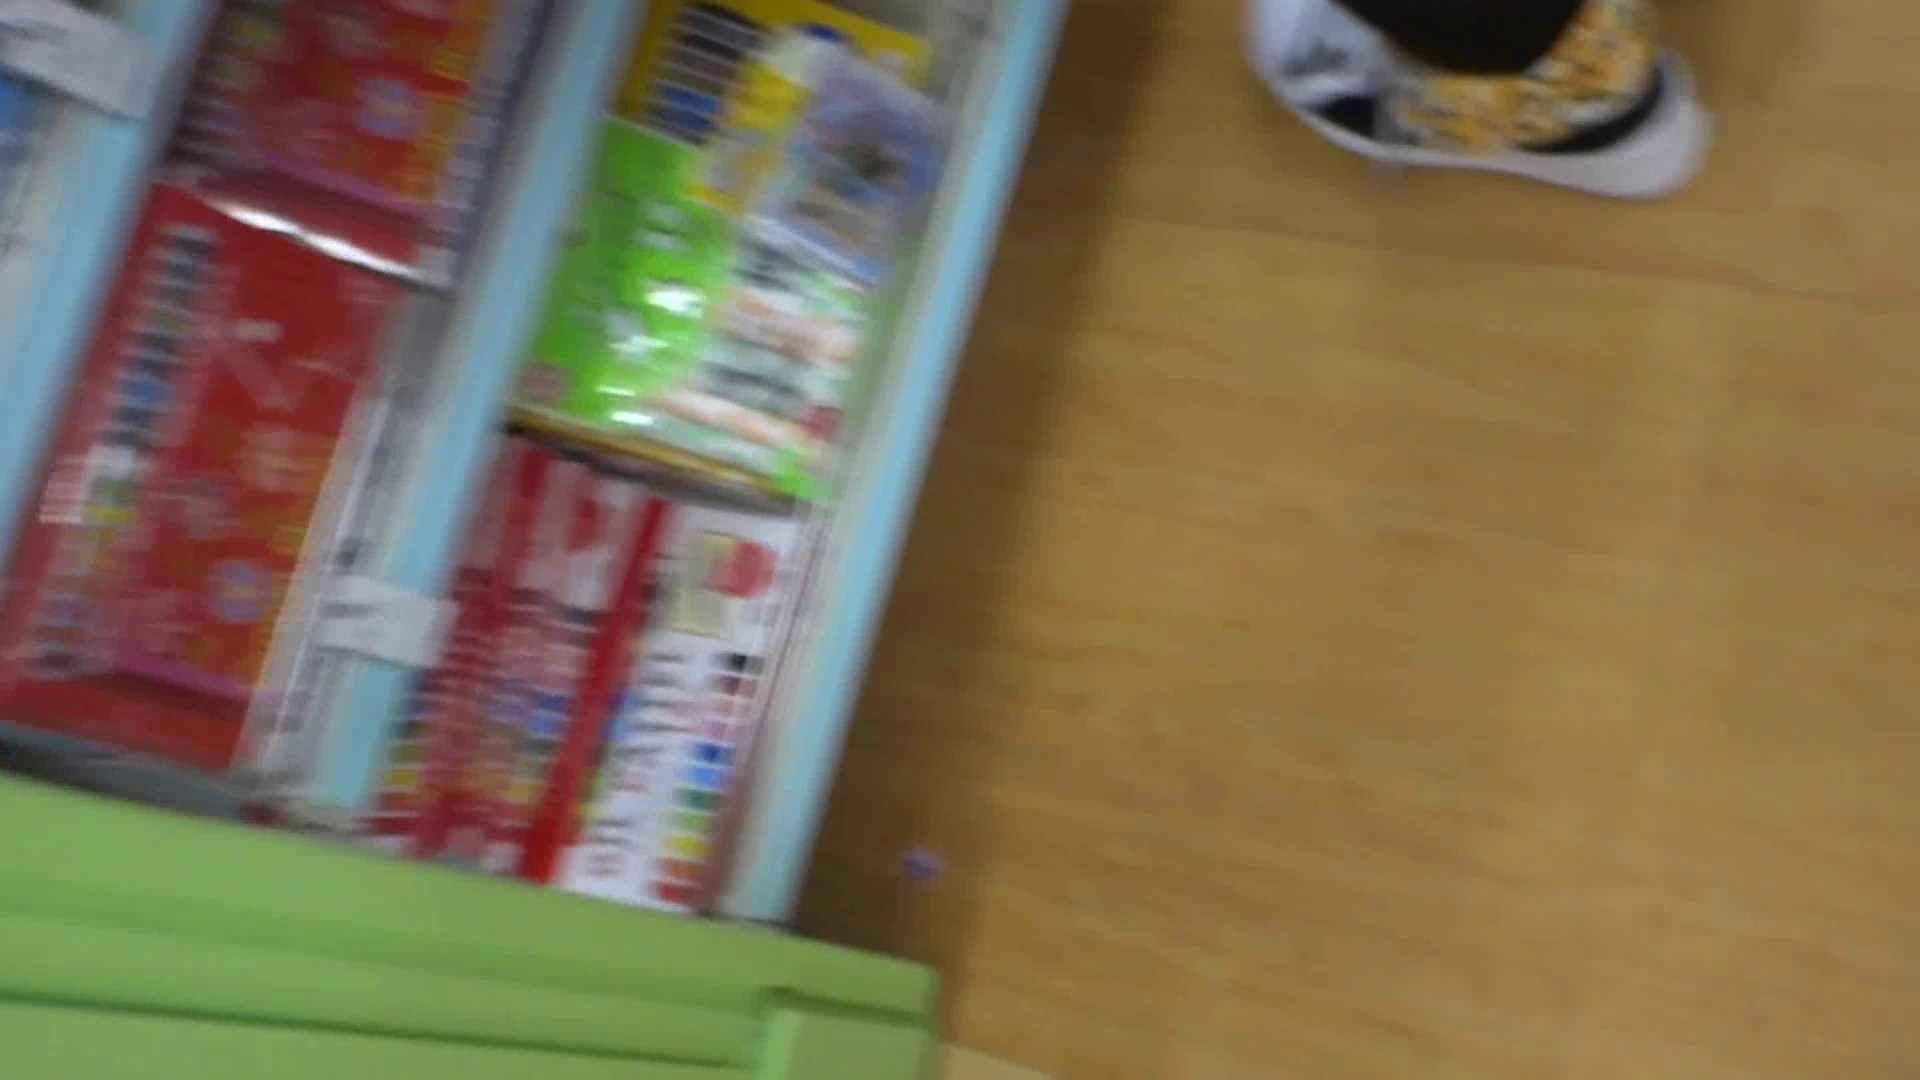 近所のお店は危険がイッパイ vol.8 OLセックス  88画像 84